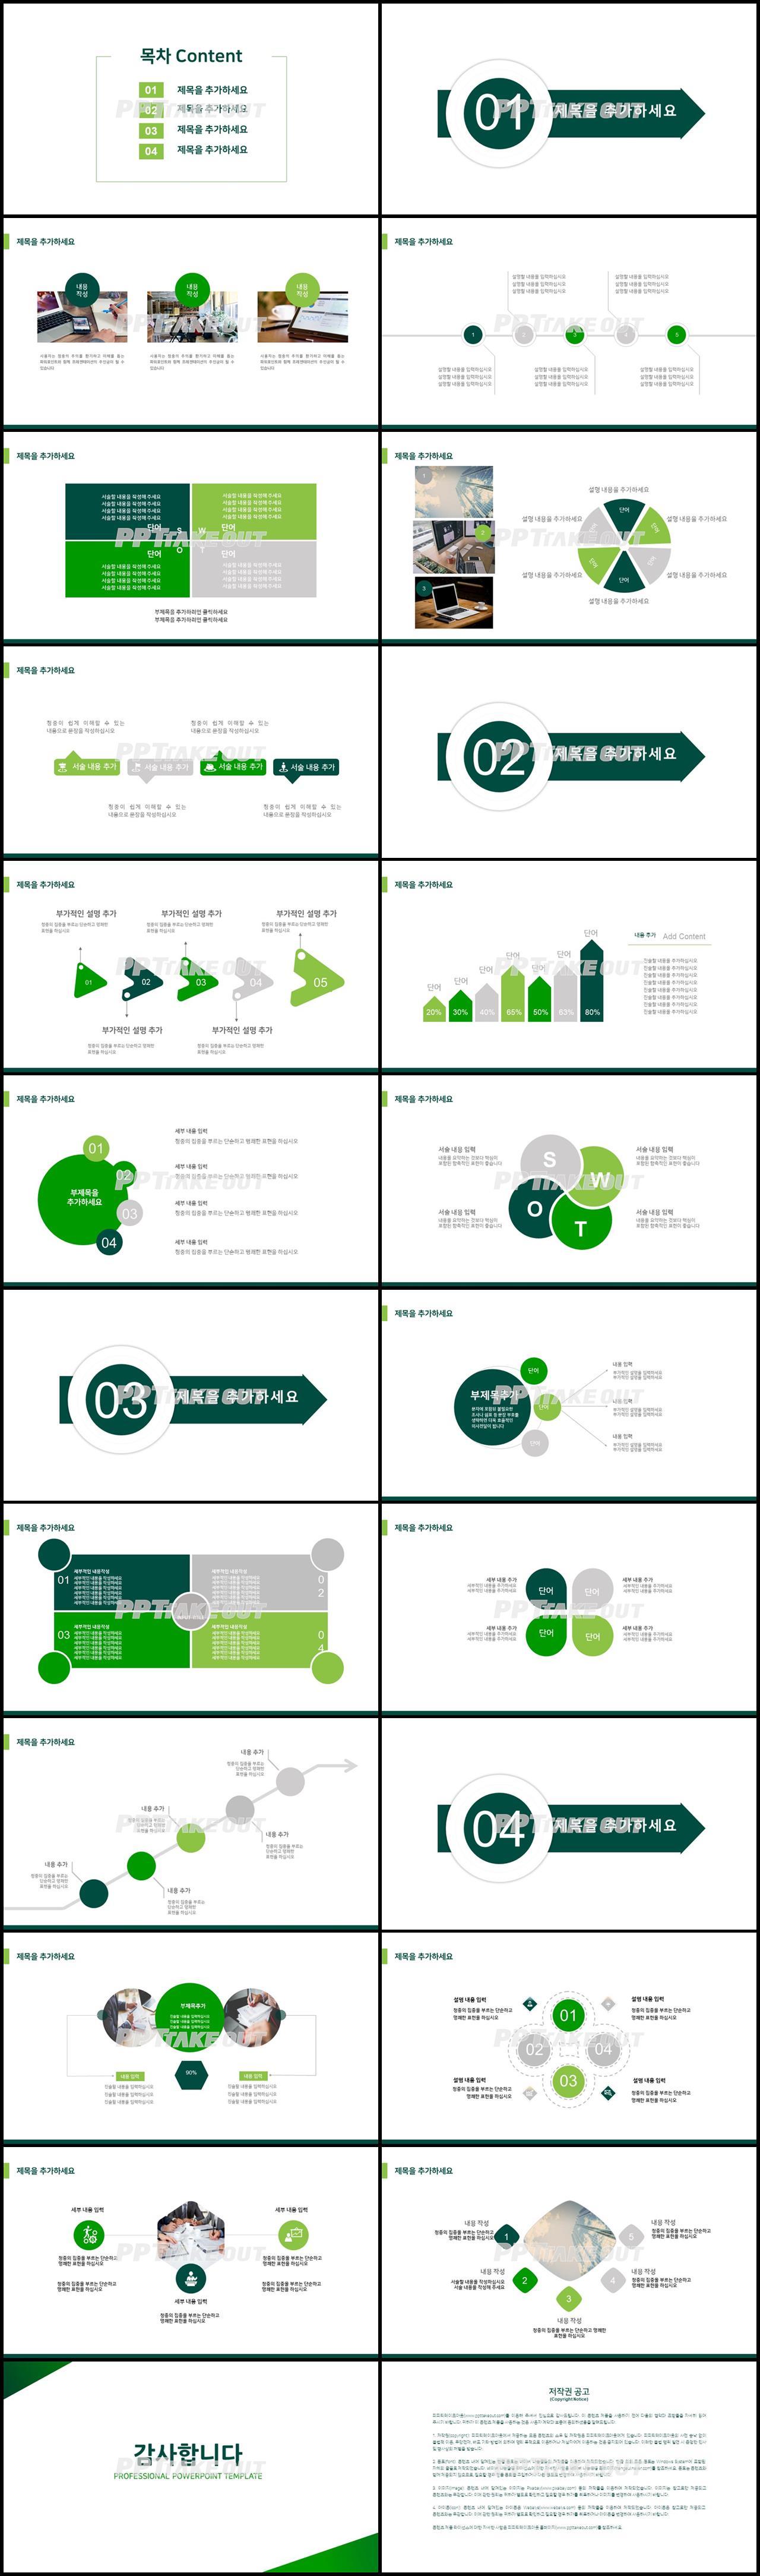 업무보고 초록색 단정한 고급형 피피티탬플릿 디자인 상세보기